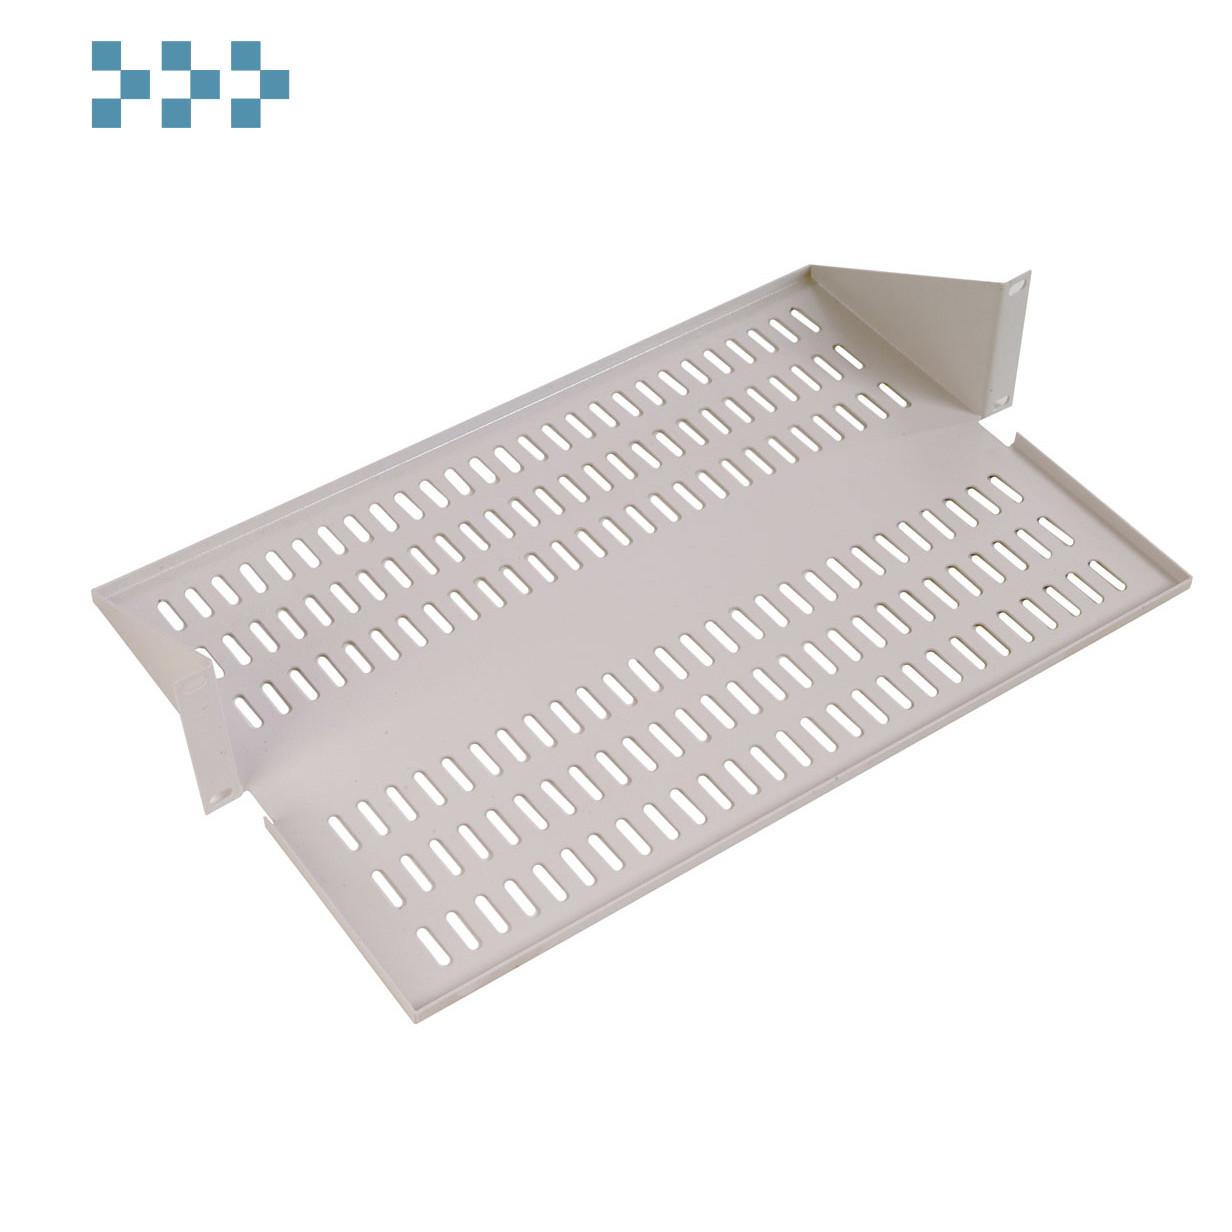 Полка ЦМО МС-40.2-9005